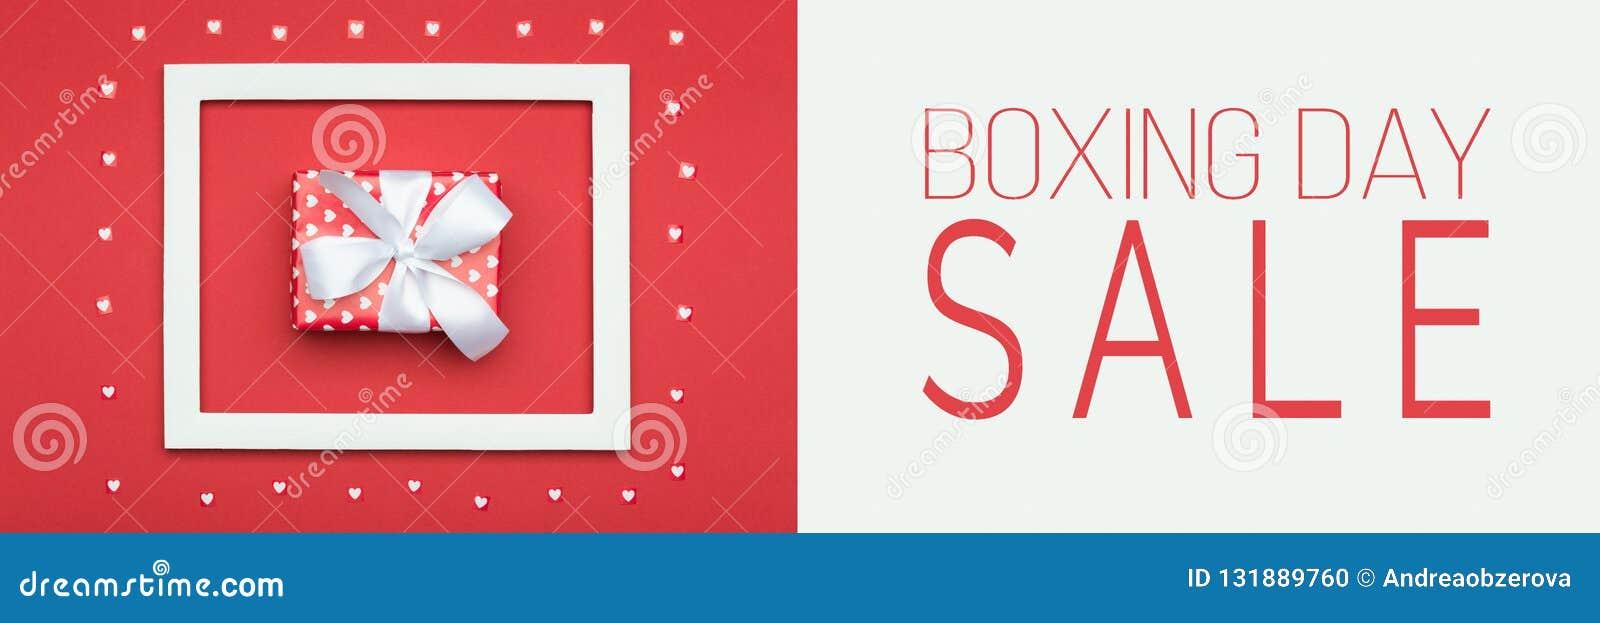 Baner för försäljning för boxningdag Festlig Sale för jul för vinterferier bakgrund